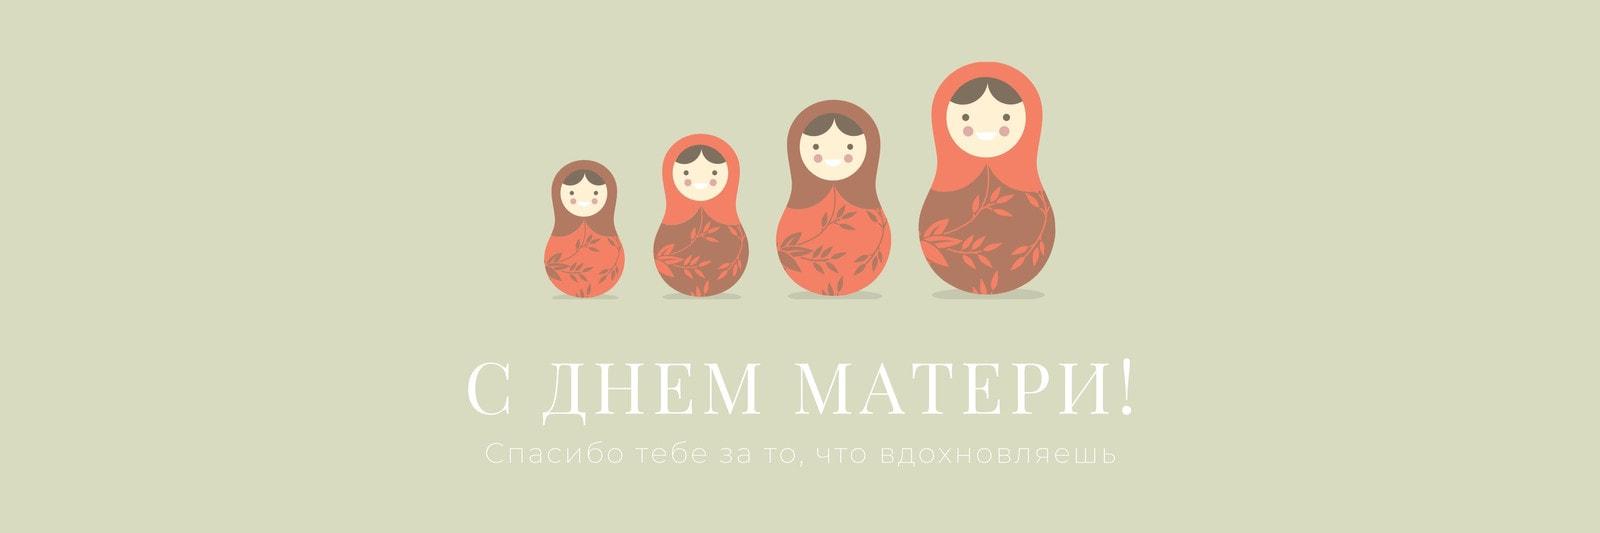 Оливковый Иллюстрация День Матери Заголовок Электронного Письма